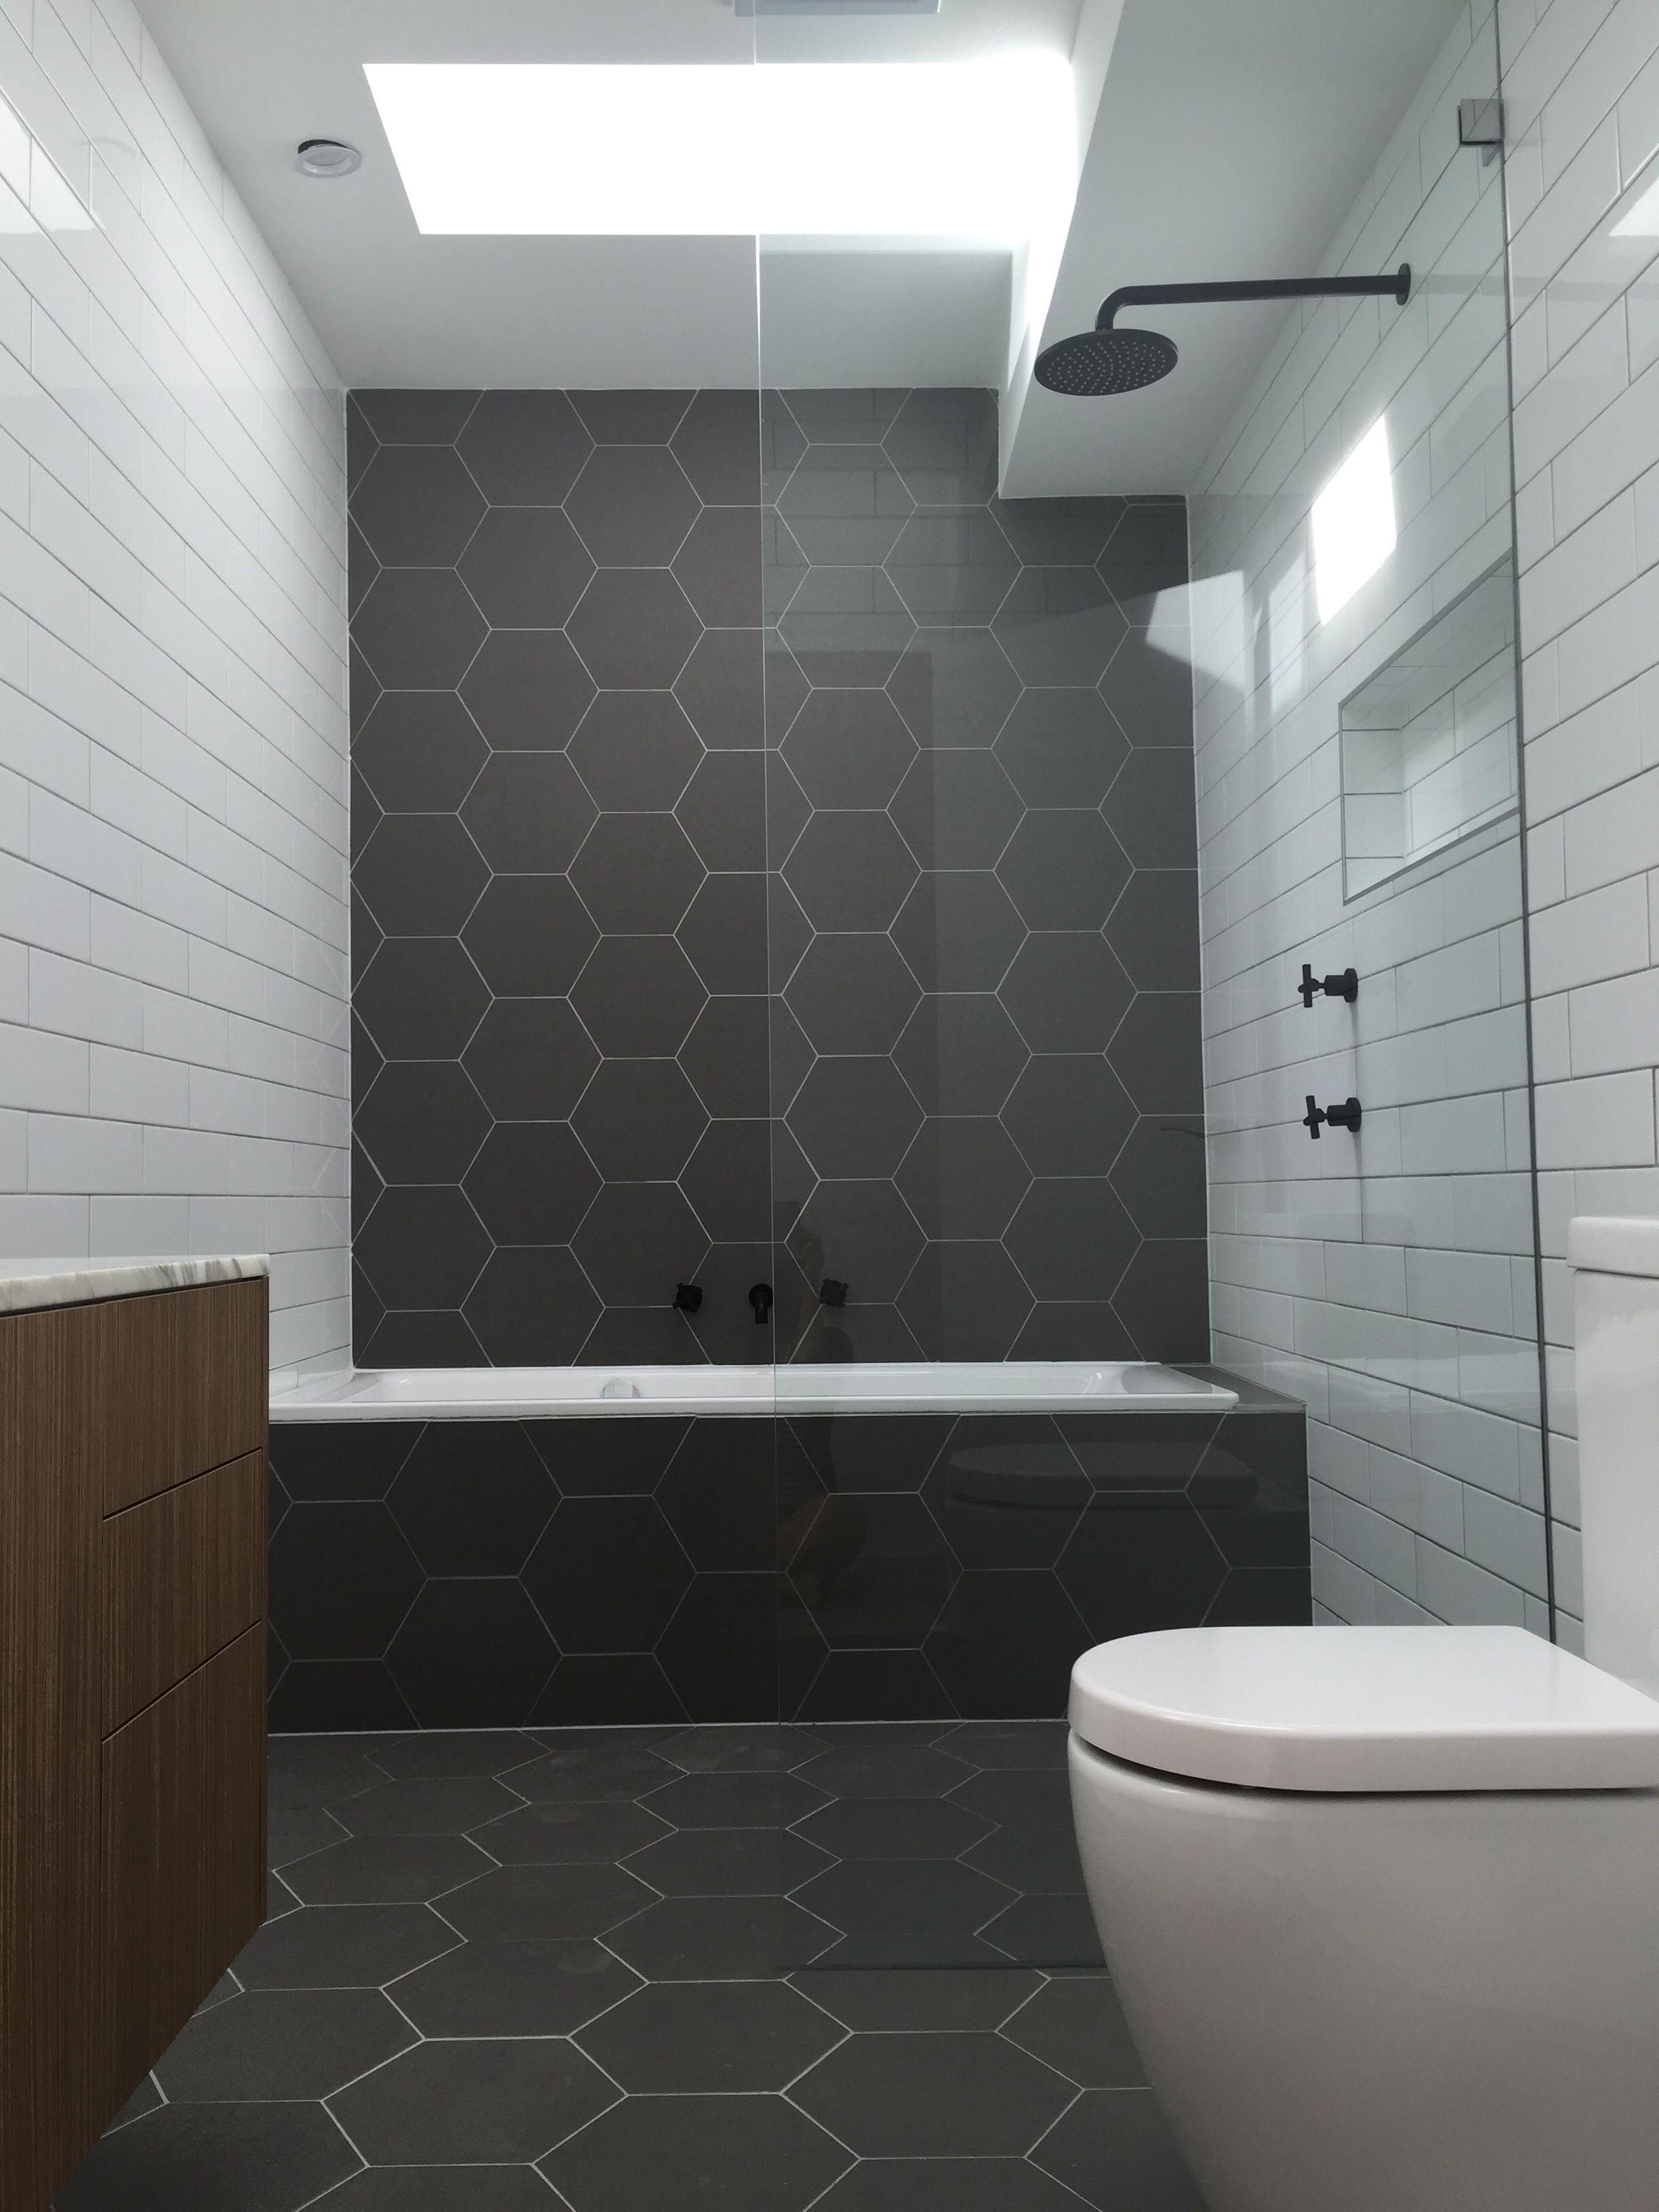 Hexagonal tiles. Monochrome bathroom. Matt black fittings ...